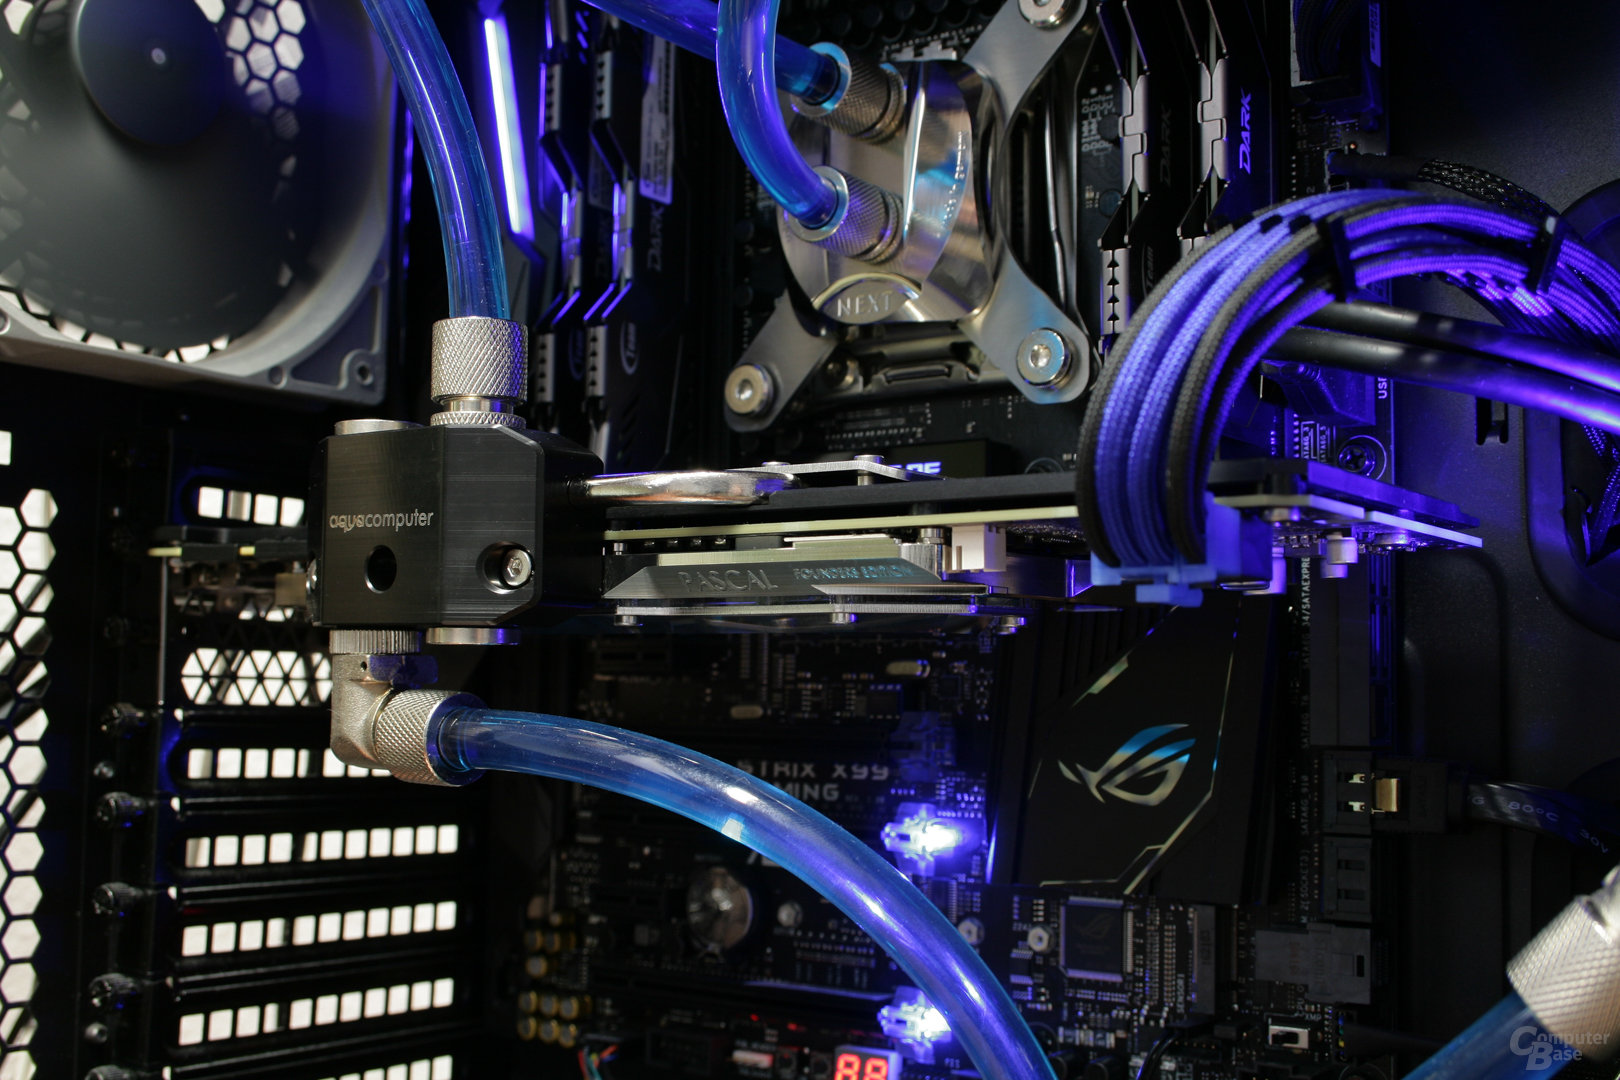 GeForce GTX 1080 mit Kryographics und aktiver Backplate